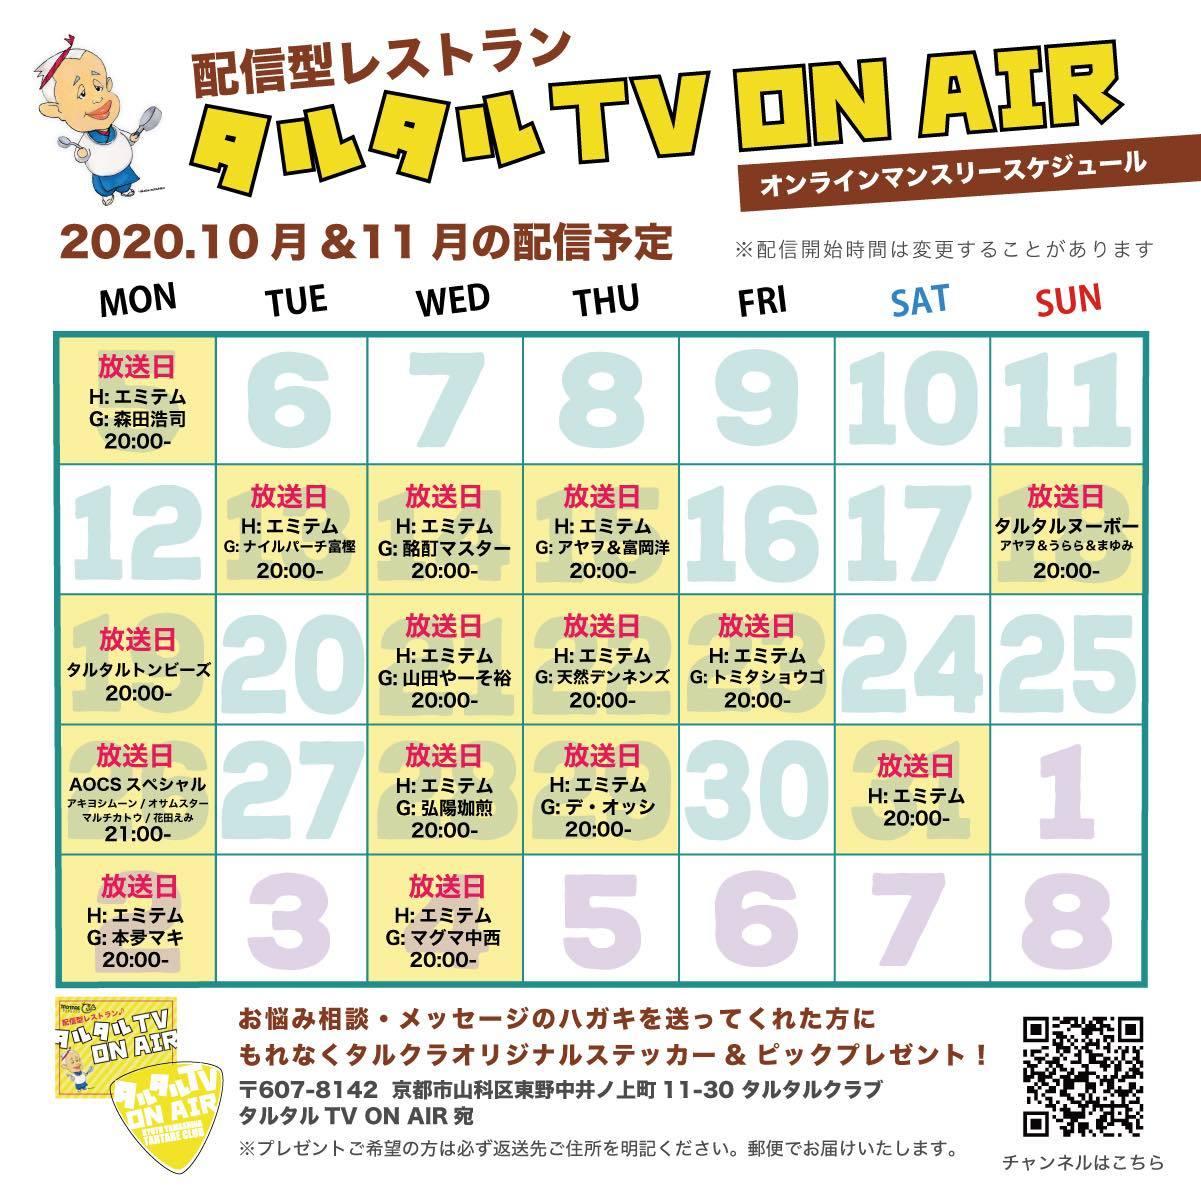 ♪本夛マキLive情報♪2020/11/2@ Youtube「タルタルTV ON AIR vol.103」_c0180841_06571998.jpg